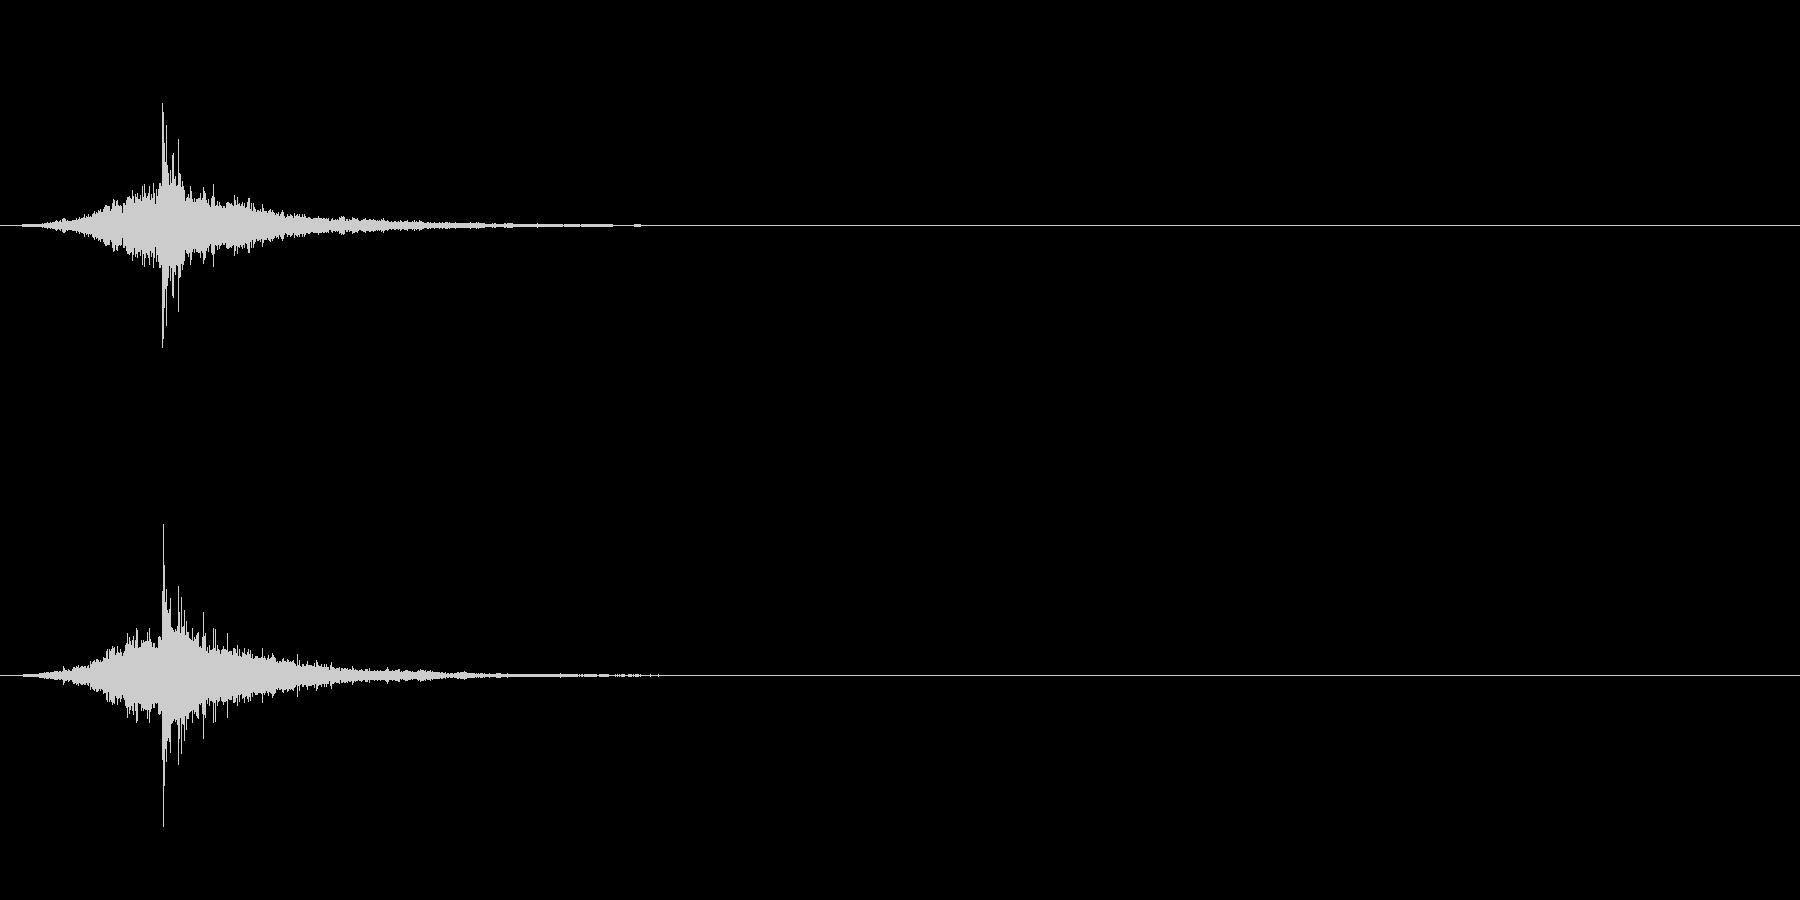 スキル修得/レベルアップ/刀/シャキーンの未再生の波形